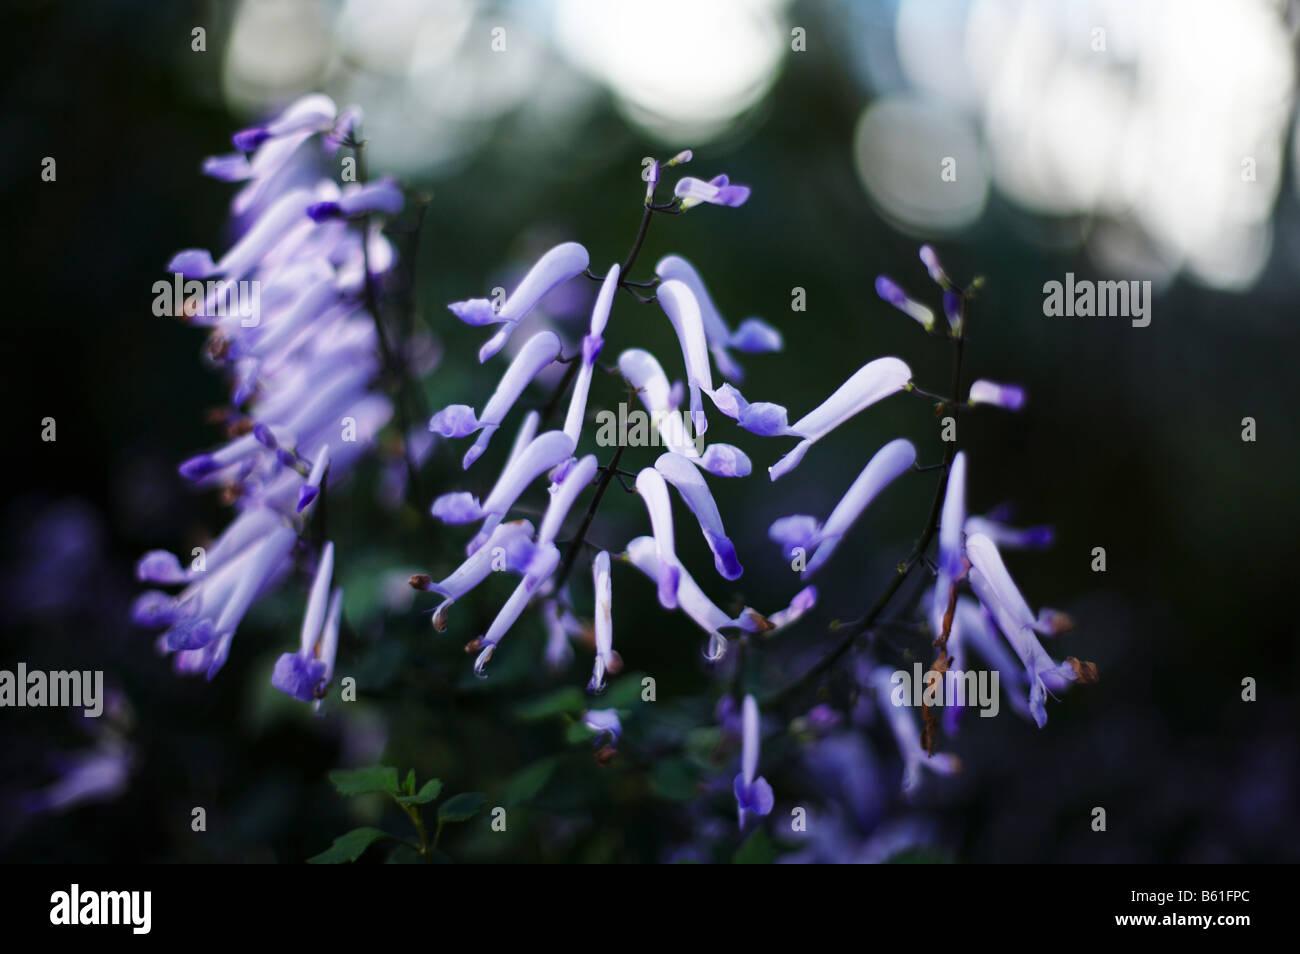 Fleurs à l'intérieur de l'Europe Bluebell House à Kew Gardens London England UK Banque D'Images